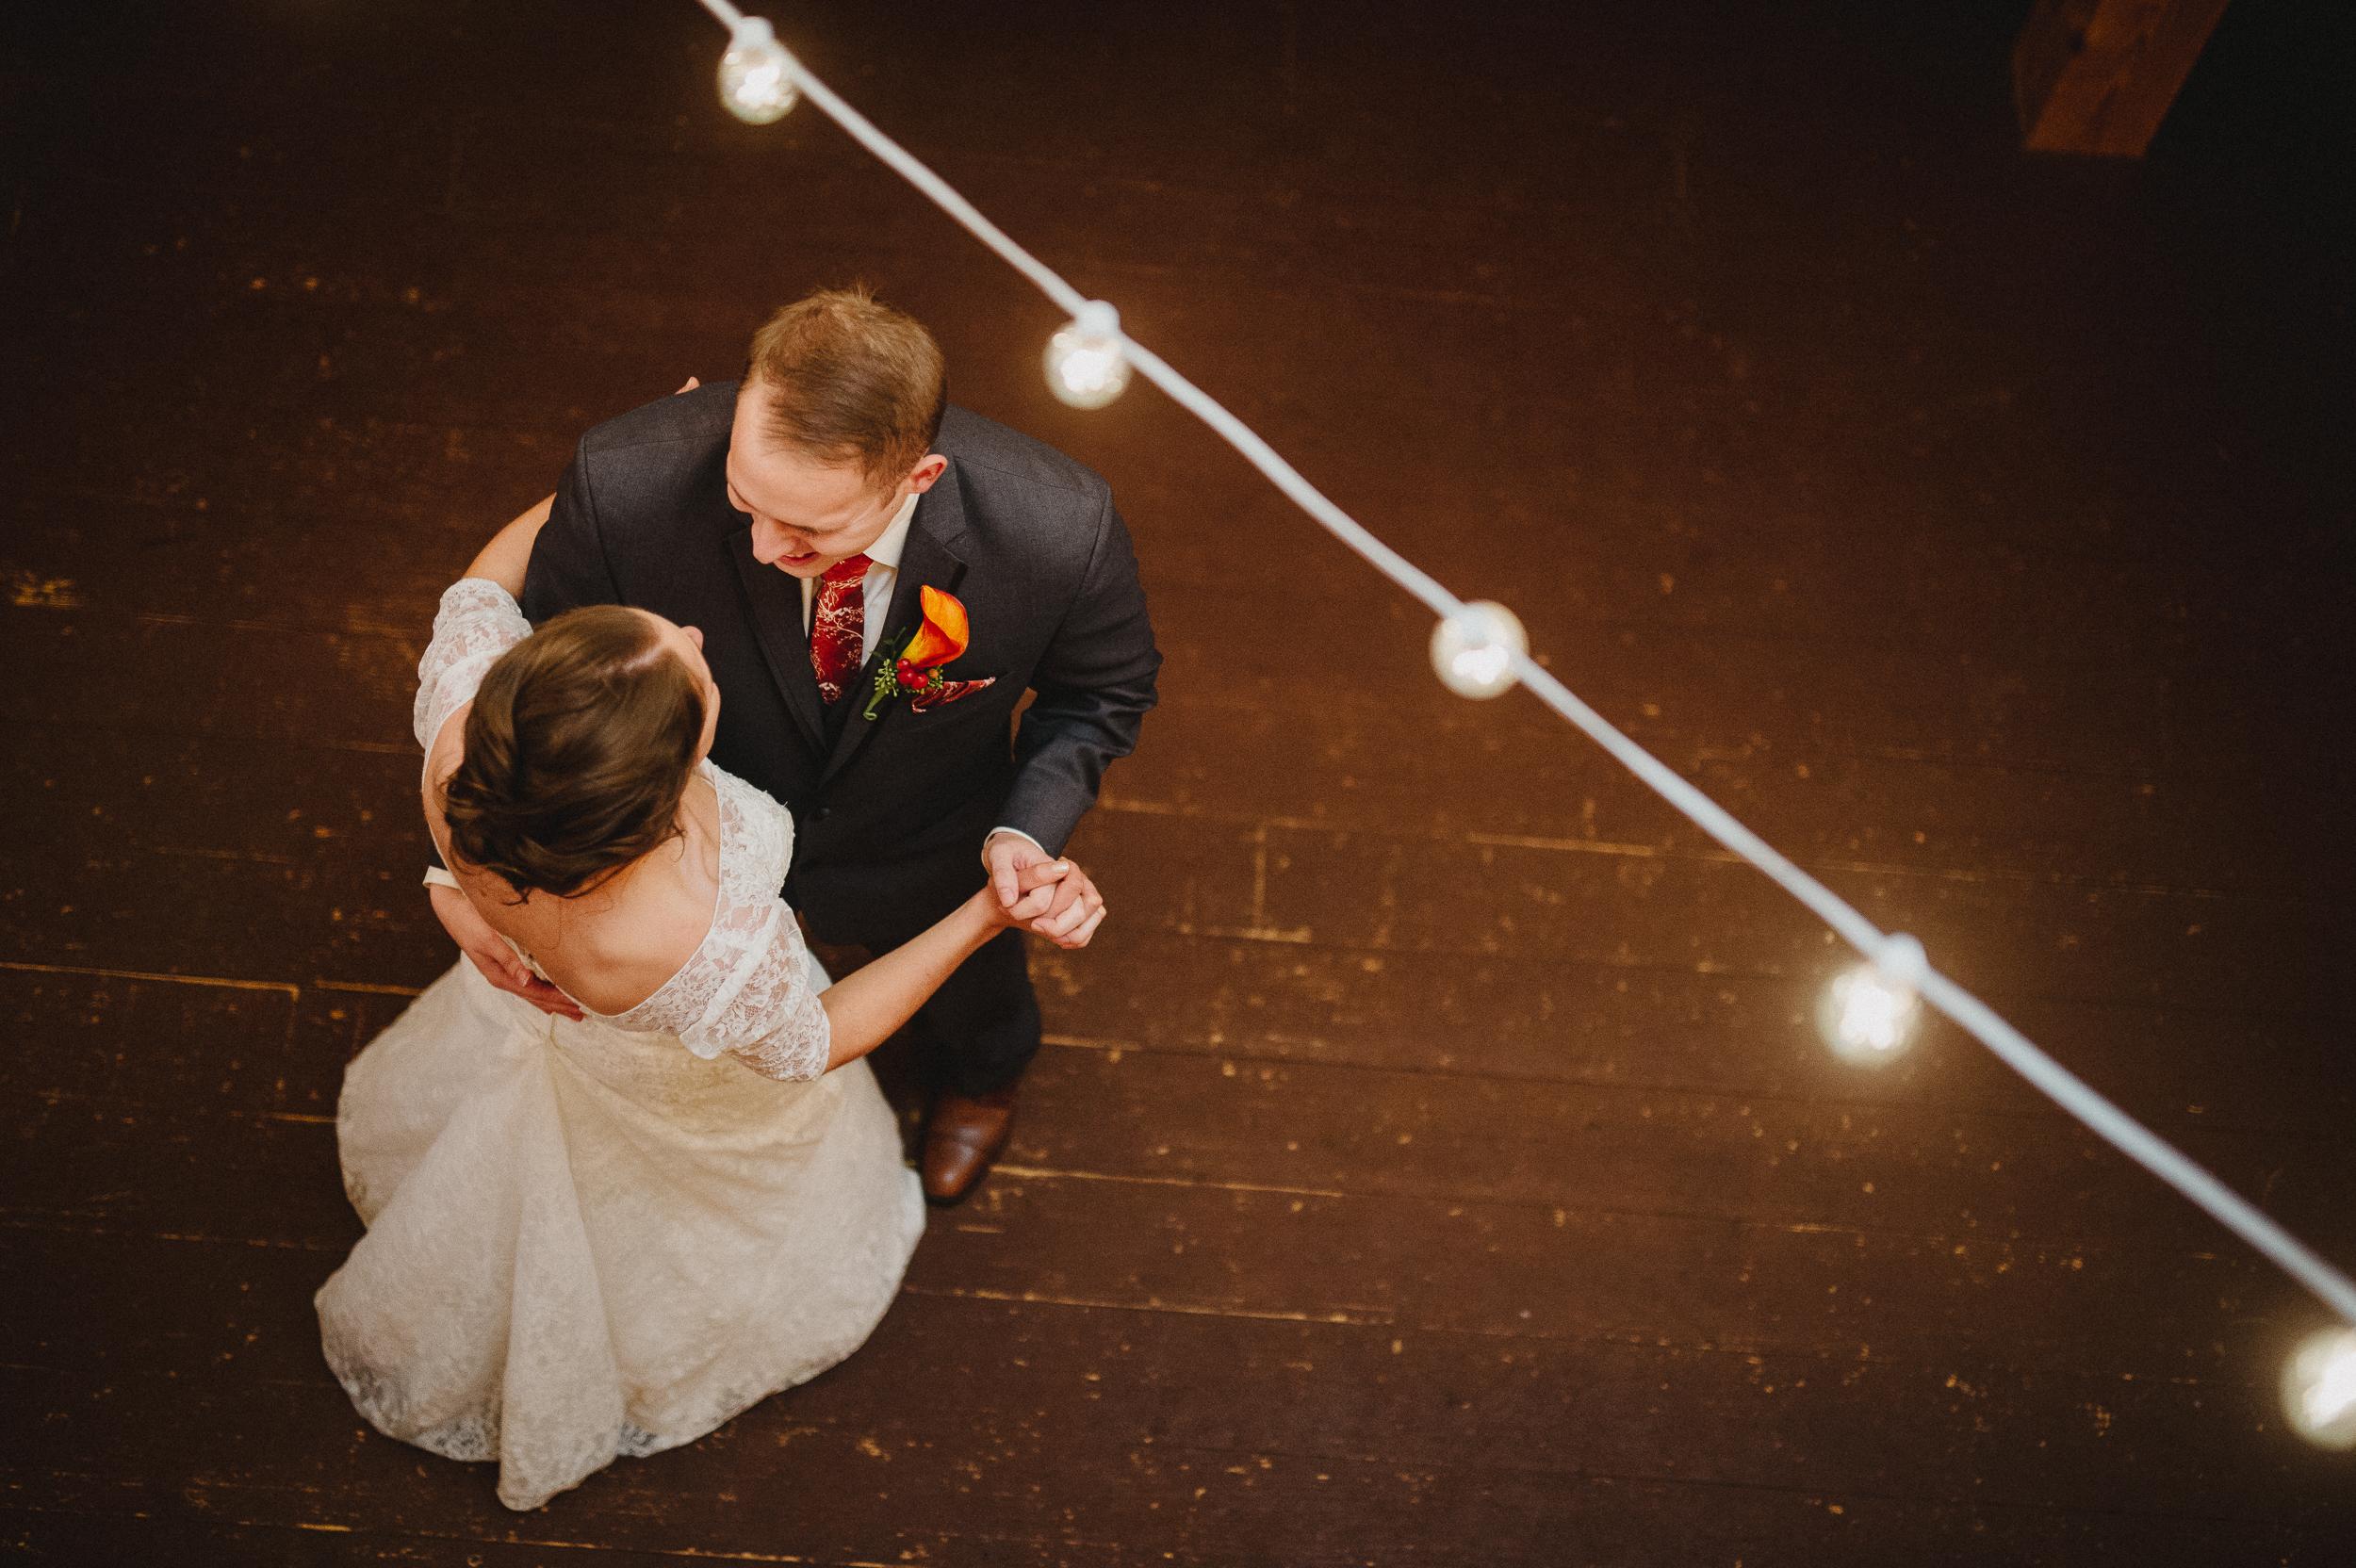 thousand-acre-farm-wedding-photographer-90.jpg